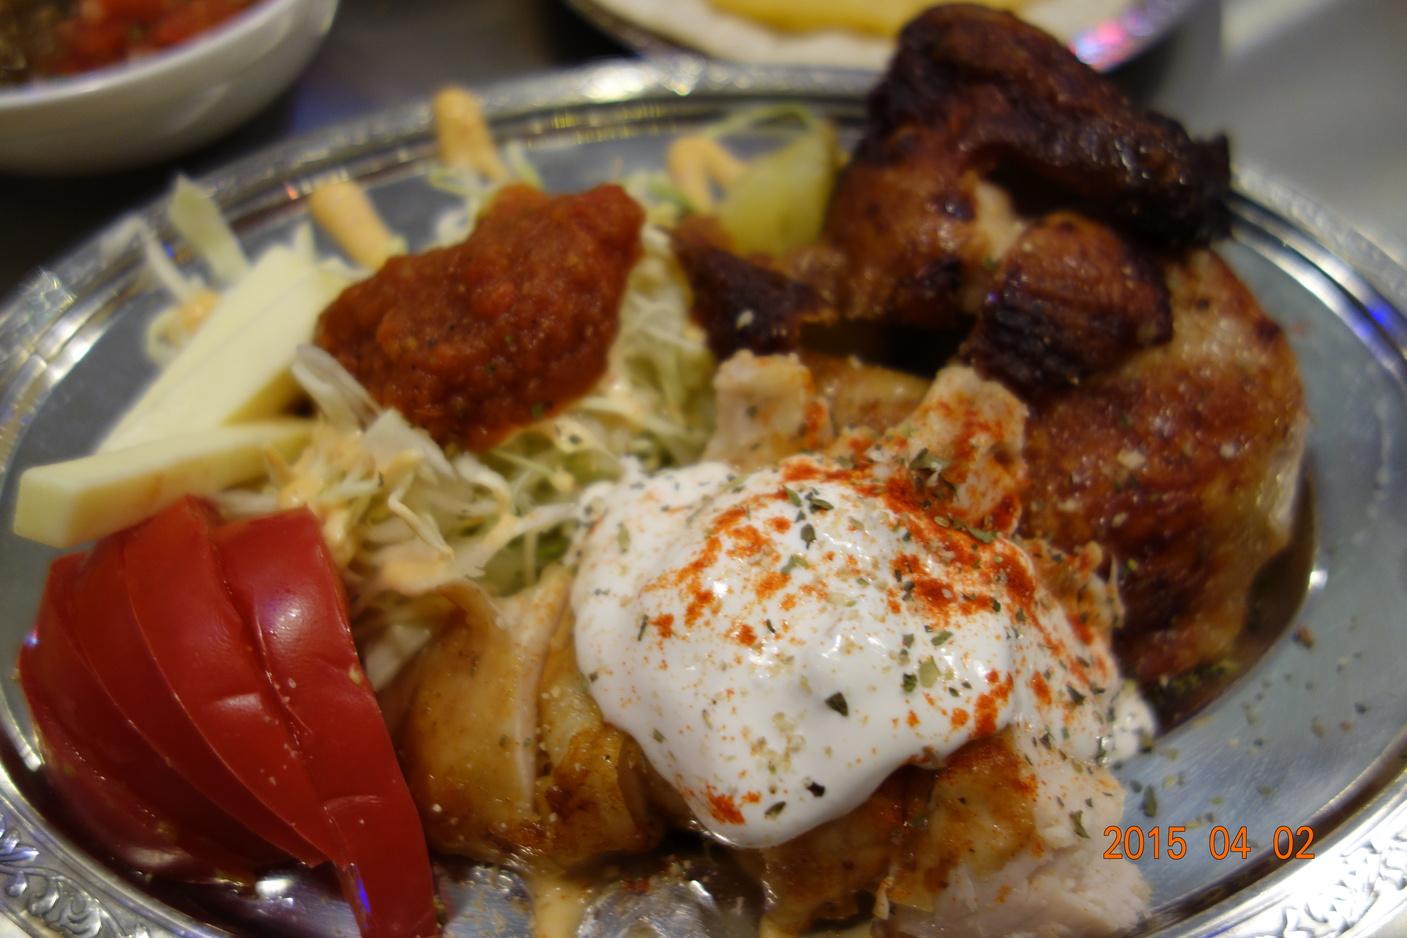 墨国回転鶏料理 ルクア店